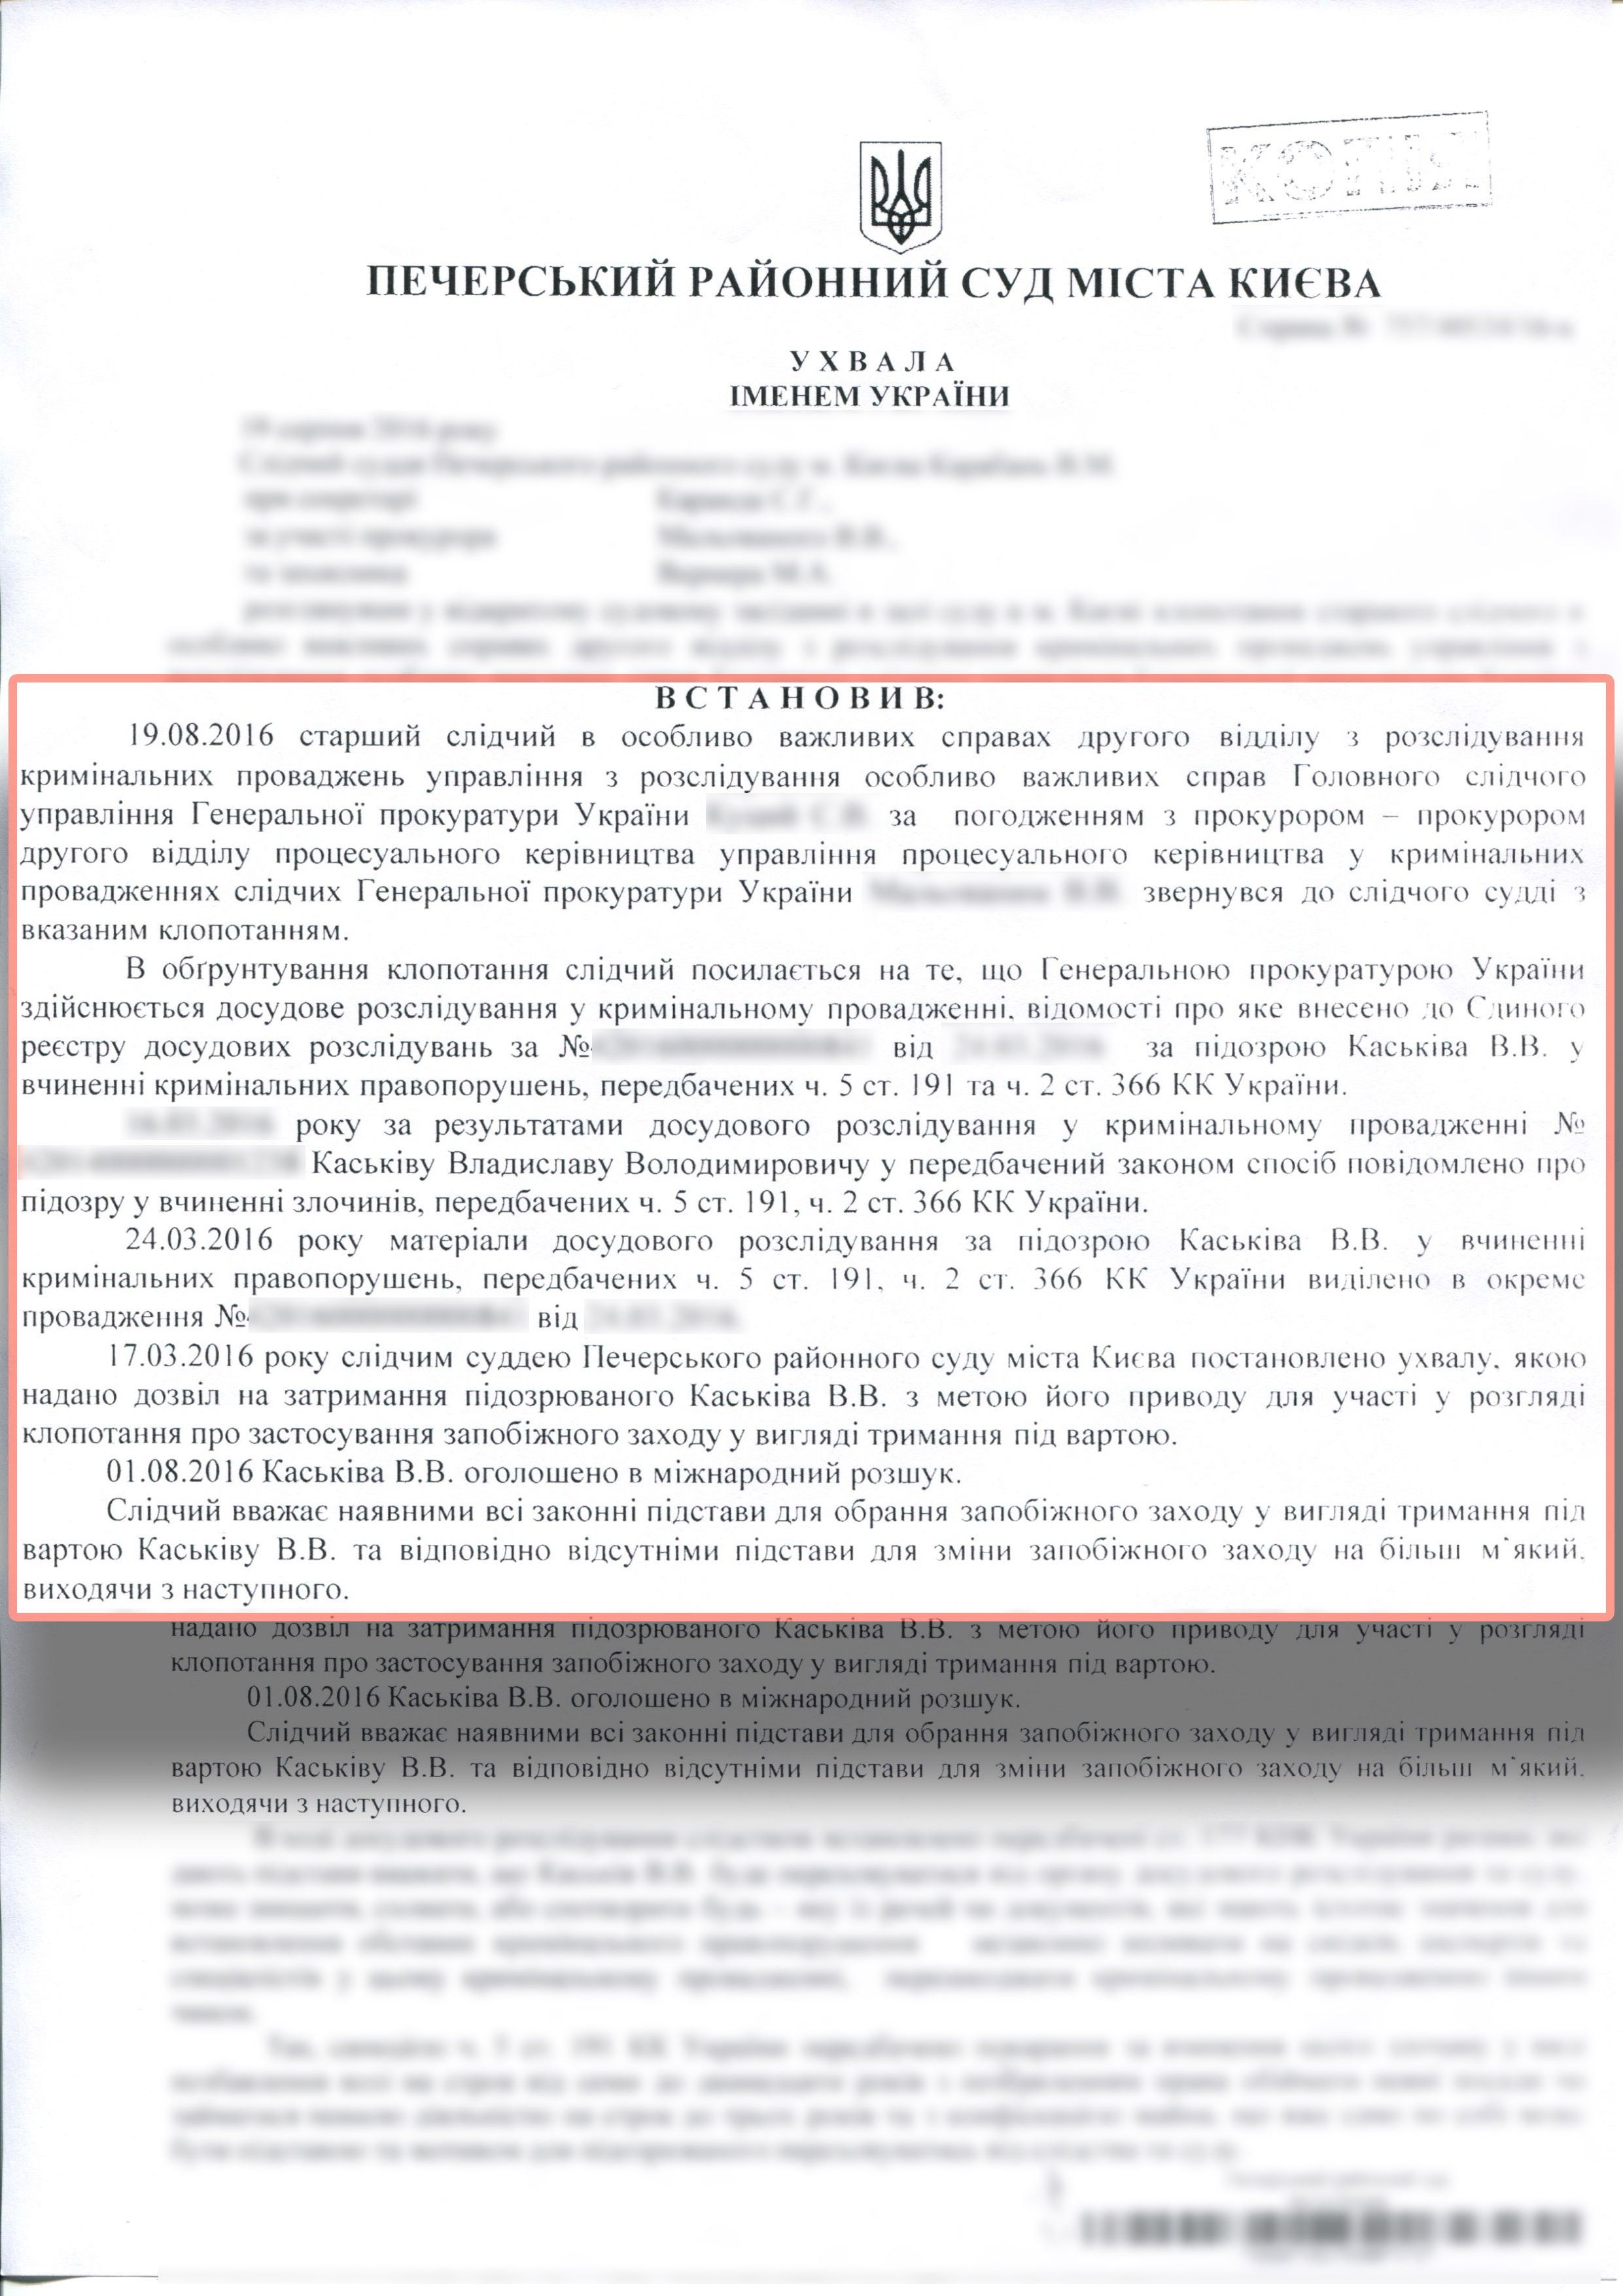 gp.gov.ua